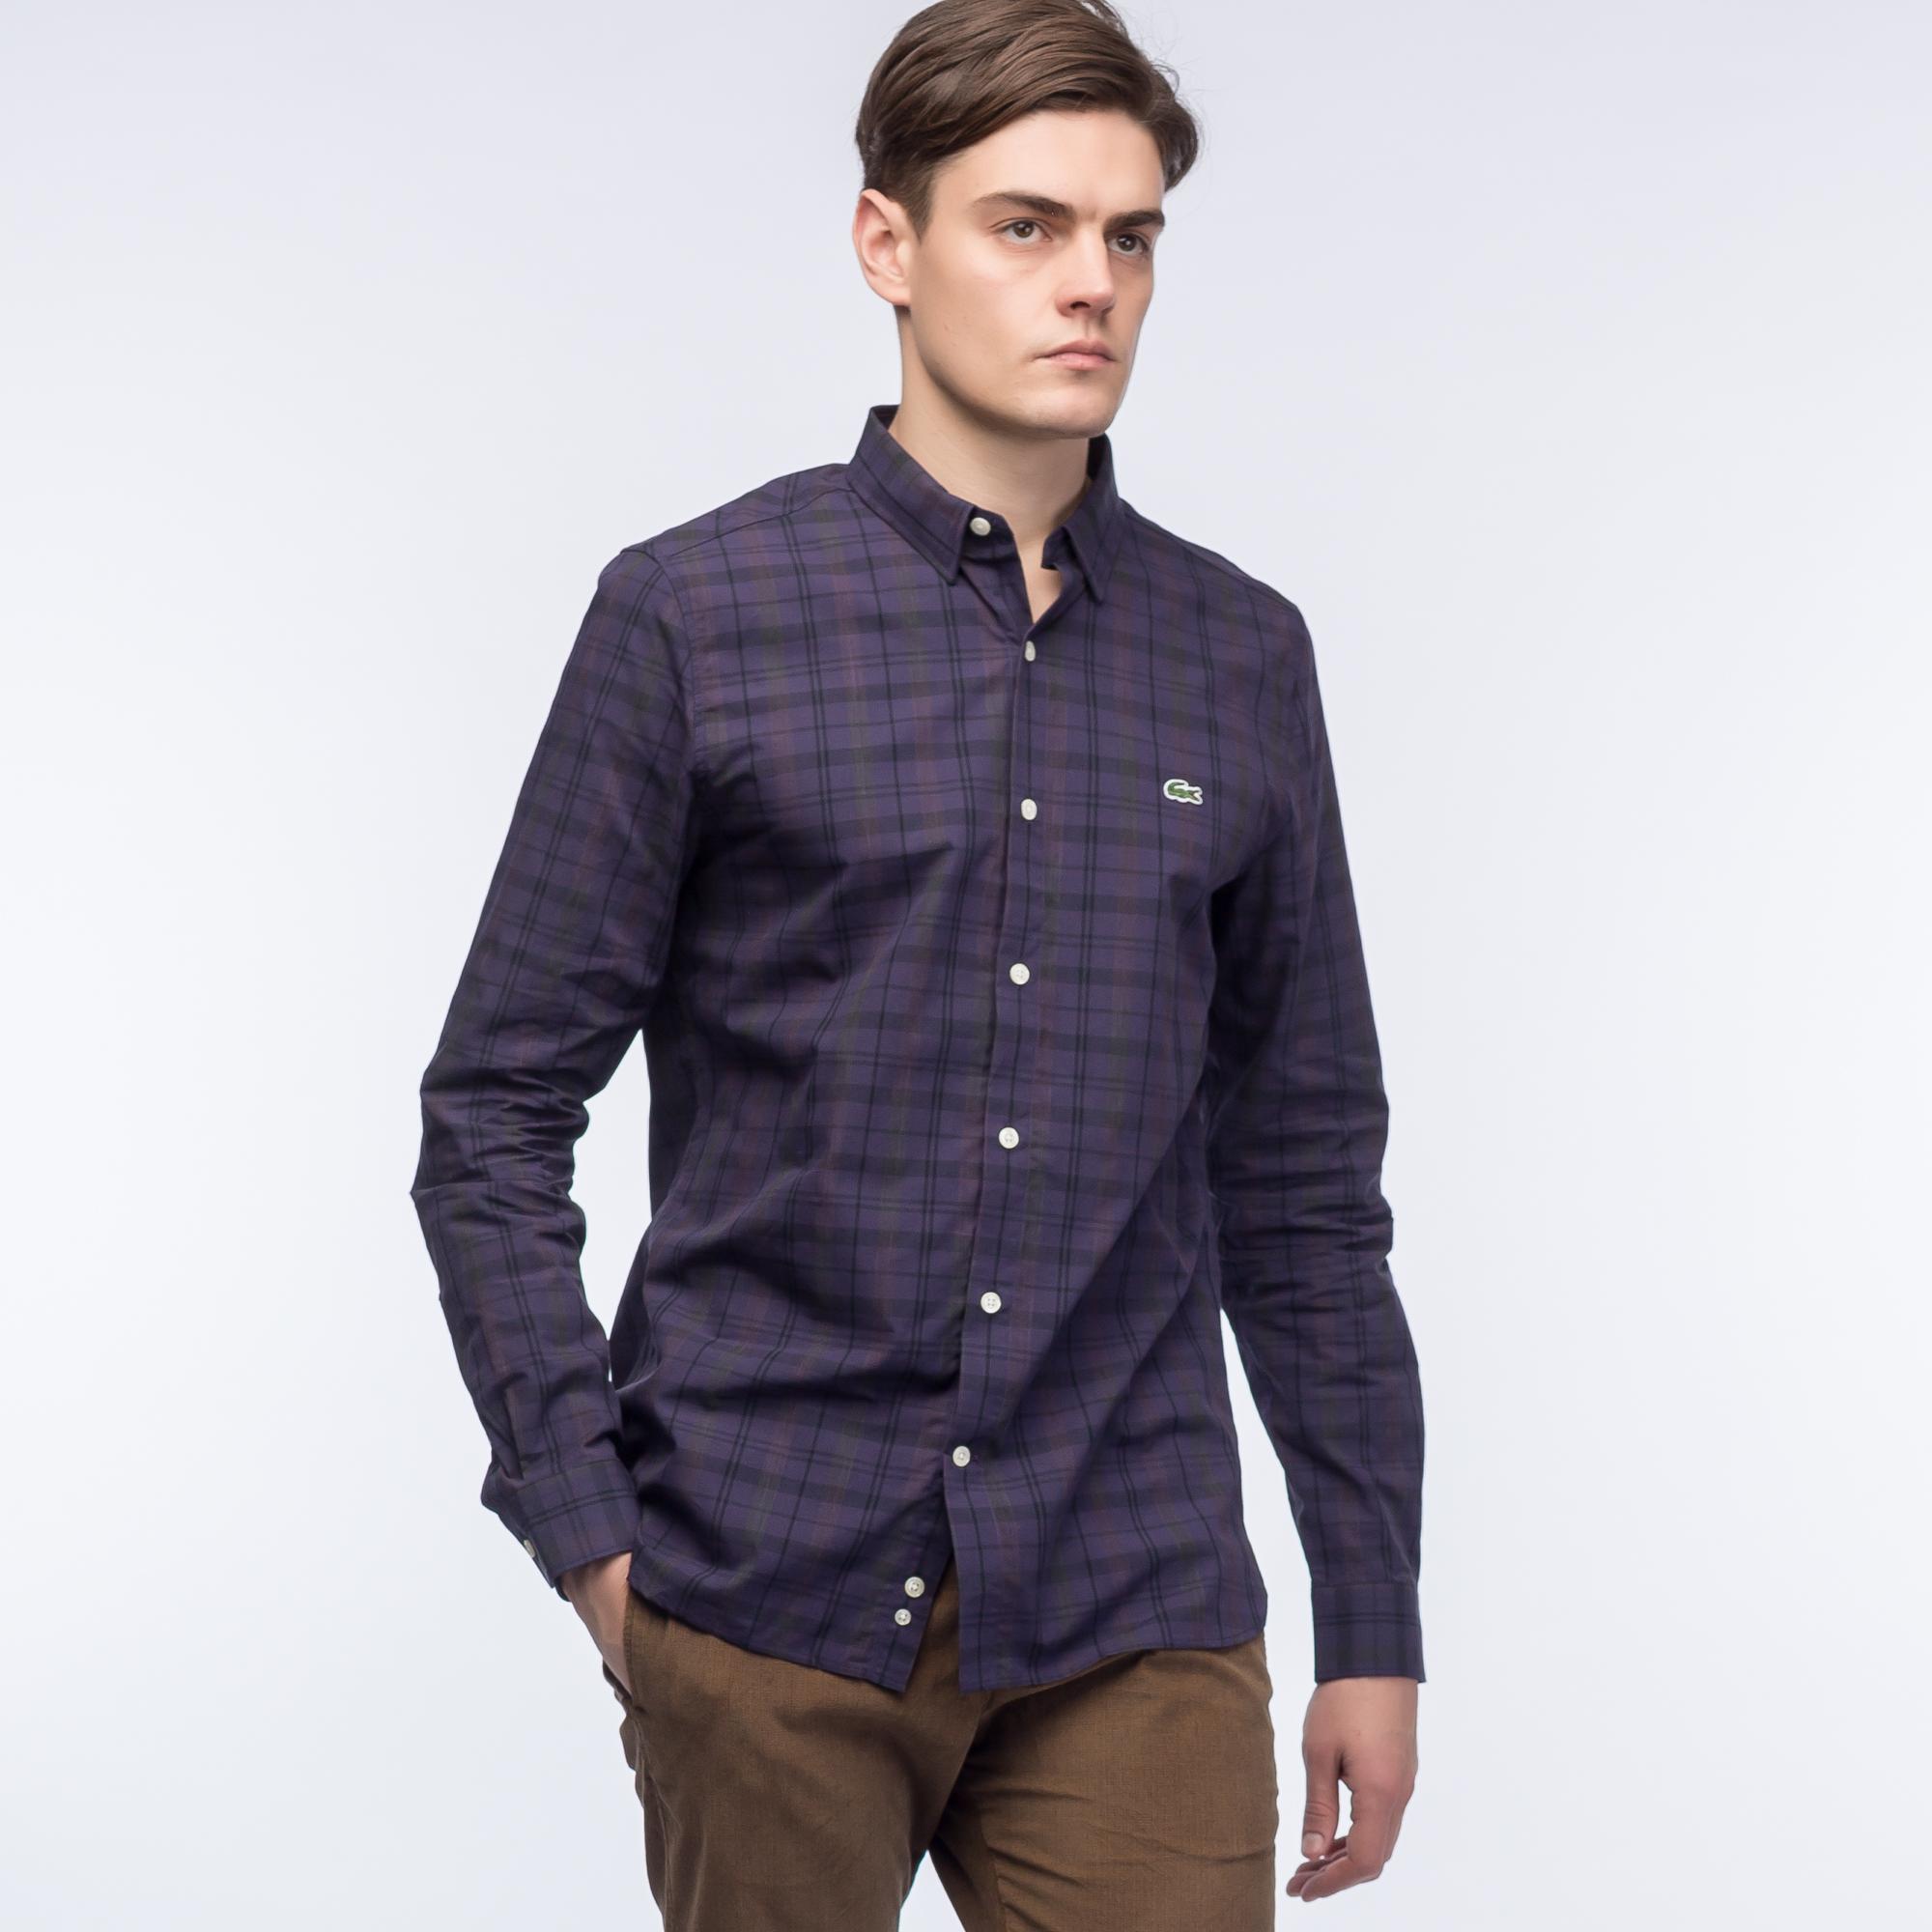 Рубашка Lacoste Regular FitРубашки<br>Рубашка из 100% хлопка с ярким рисунком и контарстными пуговицами.